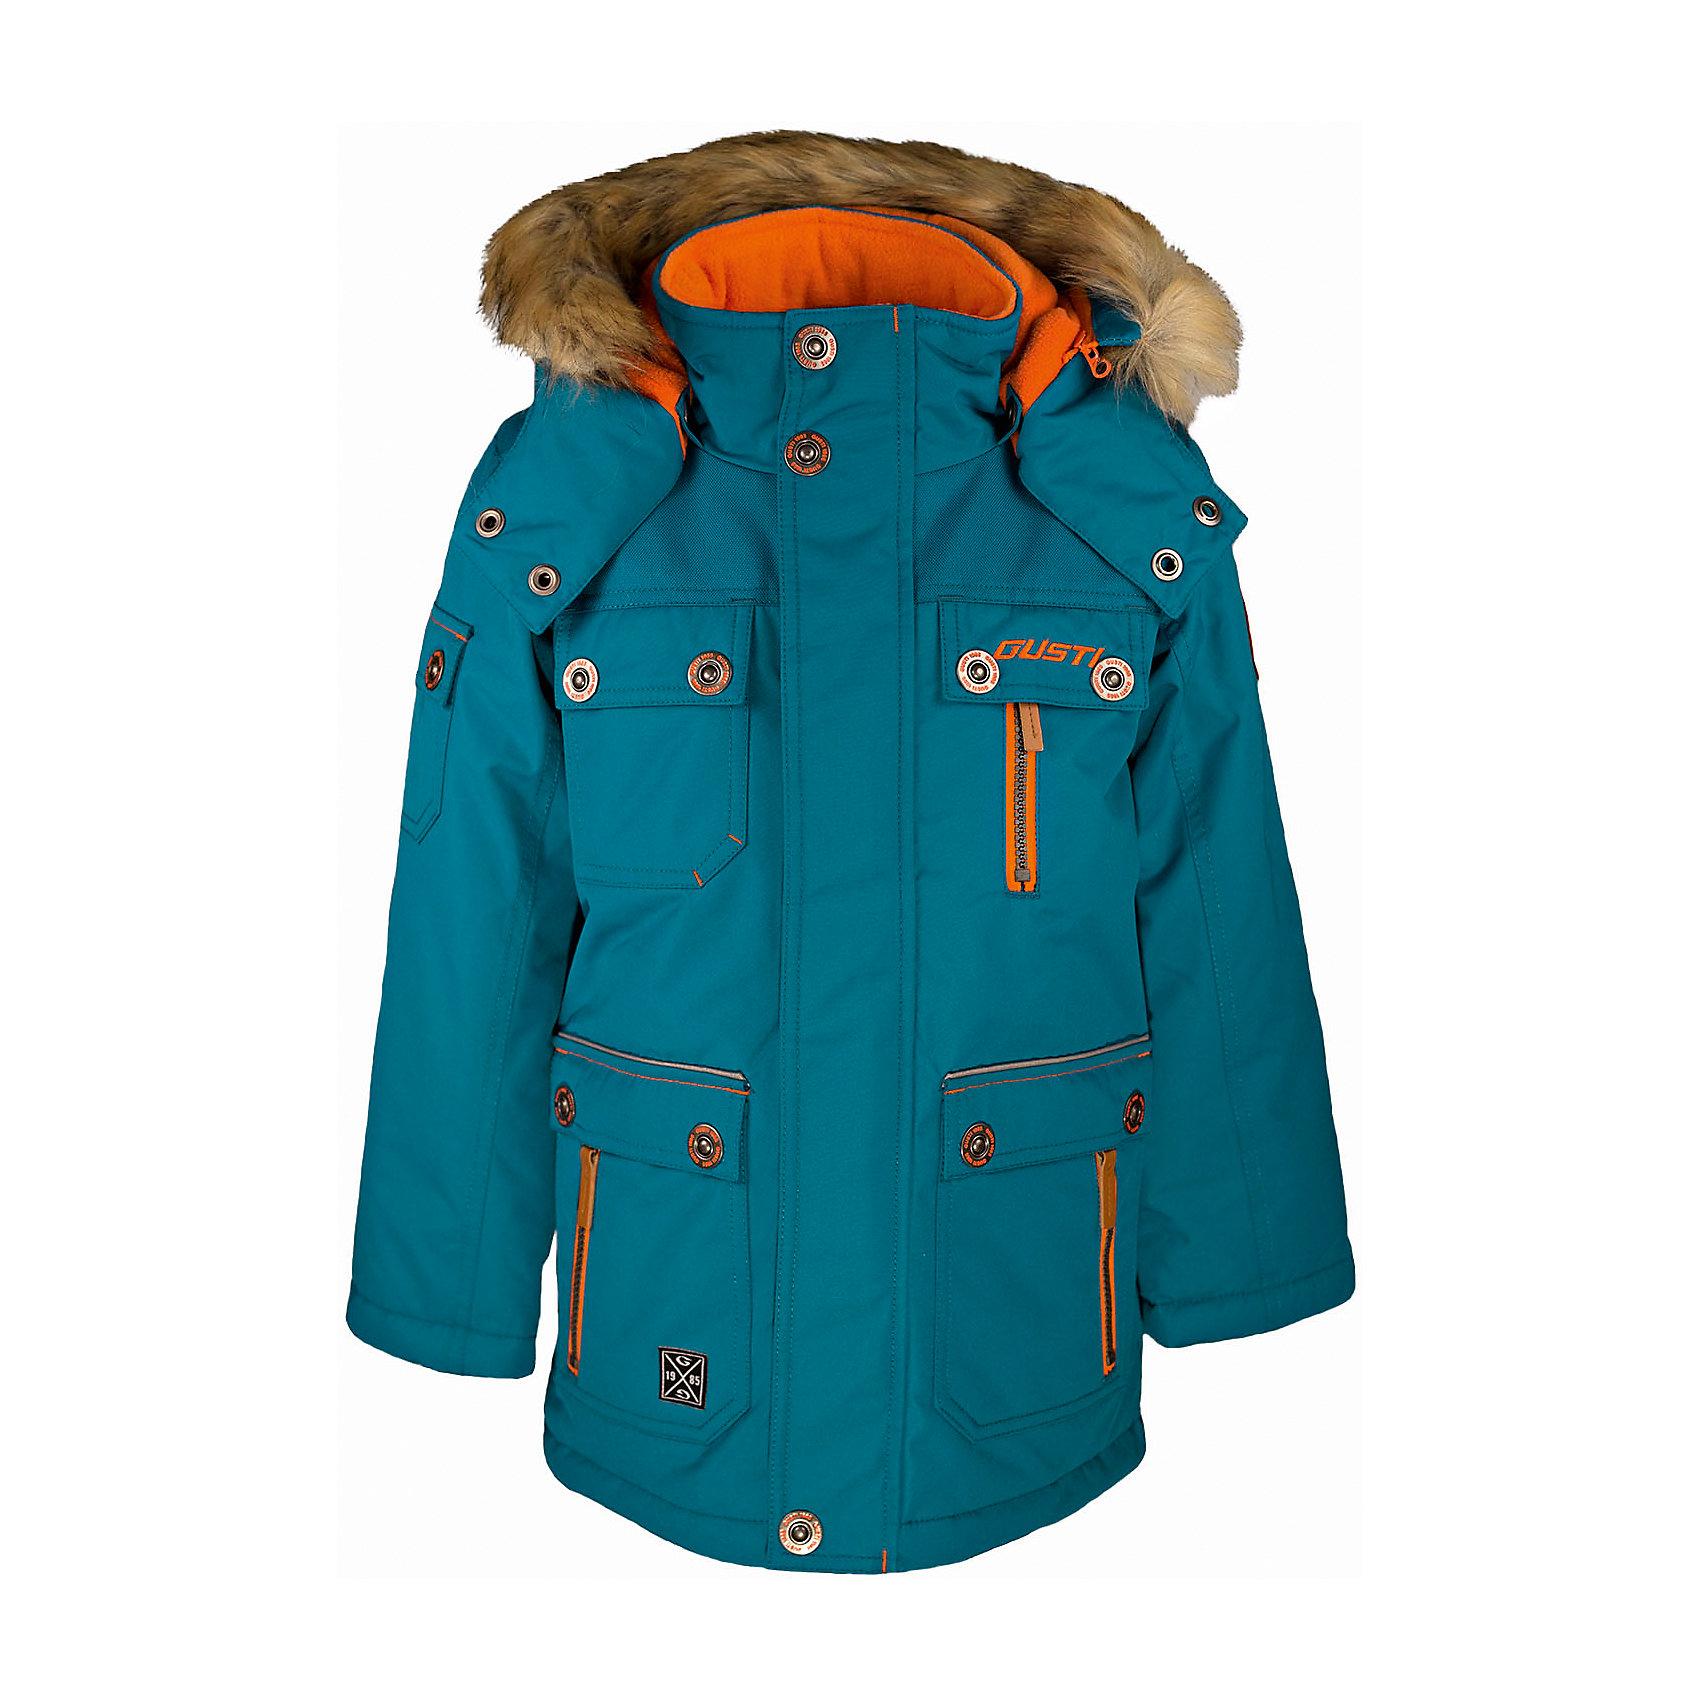 Куртка GUSTIВерхняя одежда<br>Куртка GUSTI (ГУСТИ) – это идеальный вариант для суровой зимы с сильными морозами.<br><br>Температурный режим: до -30  градусов. Степень утепления – высокая. <br><br>* Температурный режим указан приблизительно — необходимо, прежде всего, ориентироваться на ощущения ребенка. Температурный режим работает в случае соблюдения правила многослойности – использования флисовой поддевы и термобелья.<br><br>Удлиненная куртка прямого кроя от GUSTI (ГУСТИ) выполнена из плотного непромокаемого материала с защитной от влаги мембраной 5000 мм. Тань хорошо сохраняет тепло, отталкивает влагу и позволяет коже ребенка дышать. Утеплитель из тек-полифилла и флисовая внутренняя отделка на груди и на спинке дают возможность использовать куртку при очень низких температурах. Куртка застегивается на молнию с ветрозащитной планкой, имеет удобные карманы, кулиску внутри по талии, высокий ворот с защитой шеи и подбородка, съемный капюшон с флисовой подкладкой и отстегивающейся оторочкой из искусственного меха. Модель подходит для прогулок на морозе до -30 градусов.<br><br>Дополнительная информация:<br><br>- Сезон: зима<br>- Пол: мальчик<br>- Цвет: голубой<br>- Температурный режим до -30 градусов<br>- Материал верха: shuss 5000мм (100% полиэстер)<br>- Наполнитель: тек-полифилл плотностью 283 гр/м (10 унций) 100% полиэстер<br>- Подкладка: флис на груди и спинке (100% полиэстер)<br>- Молнии и фурнитура YKK<br>- Светоотражающие элементы 3М Scotchlite<br><br>Куртку GUSTI (ГУСТИ) можно купить в нашем интернет-магазине.<br><br>Ширина мм: 356<br>Глубина мм: 10<br>Высота мм: 245<br>Вес г: 519<br>Цвет: голубой<br>Возраст от месяцев: 12<br>Возраст до месяцев: 24<br>Пол: Мужской<br>Возраст: Детский<br>Размер: 92,164,98,100,104,110,116,120,122,128,140,152<br>SKU: 4972544